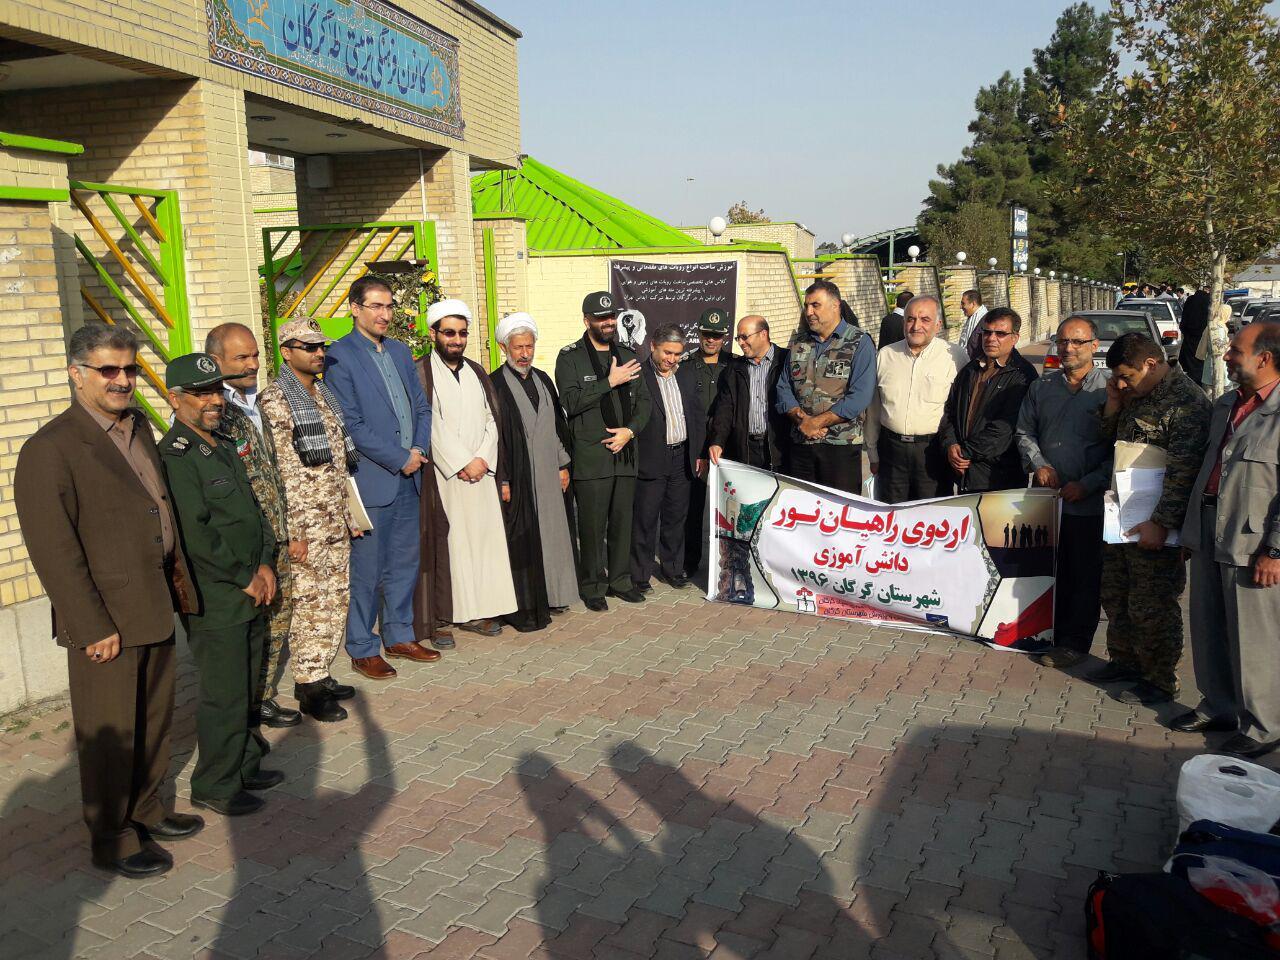 اعزام دختران دبیرستانی گرگان به مناطق عملیاتی غرب کشور7